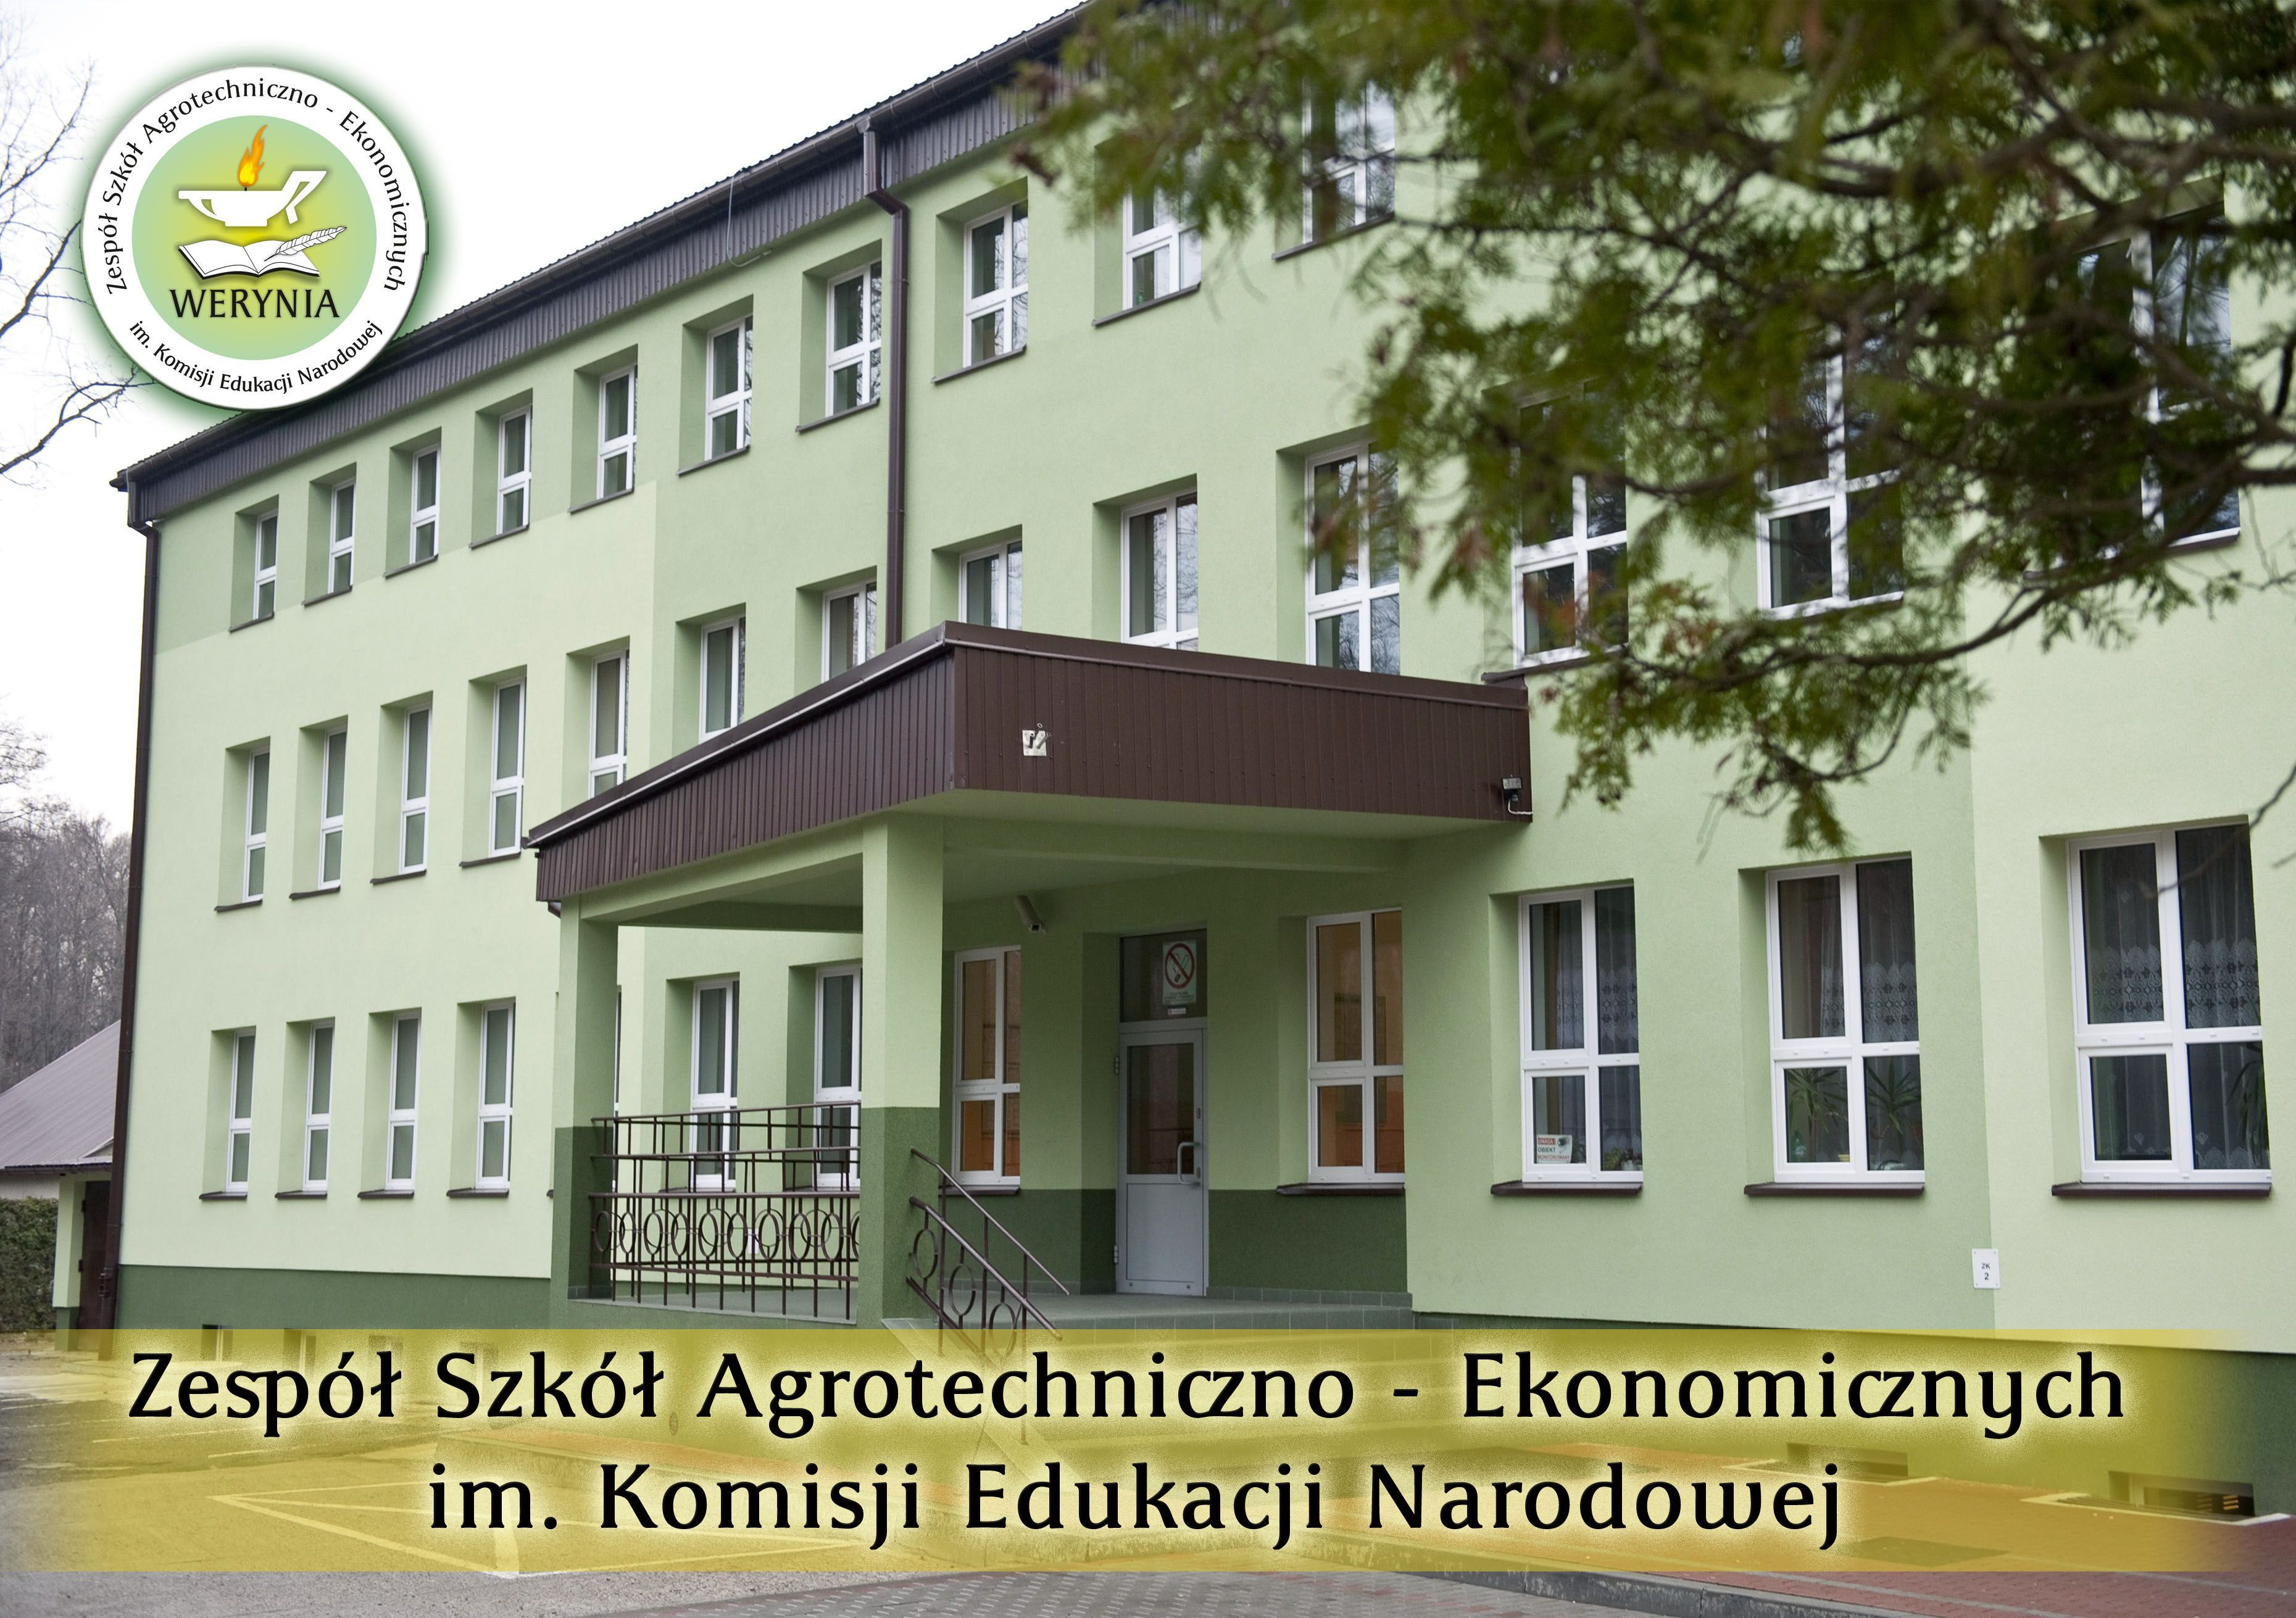 Jubileusz 75-lecia szkoły w Weryni  - Zdjęcie główne